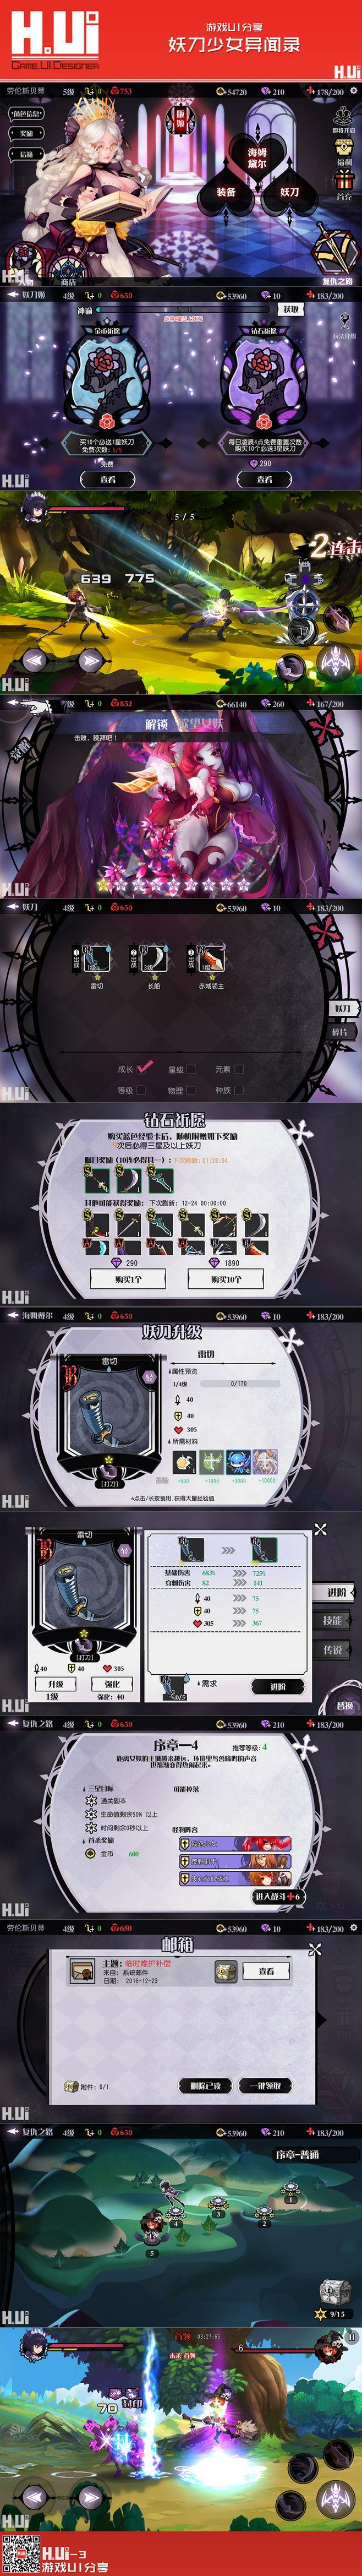 妖刀少女异闻录 手游 #游戏UI# 绘U...